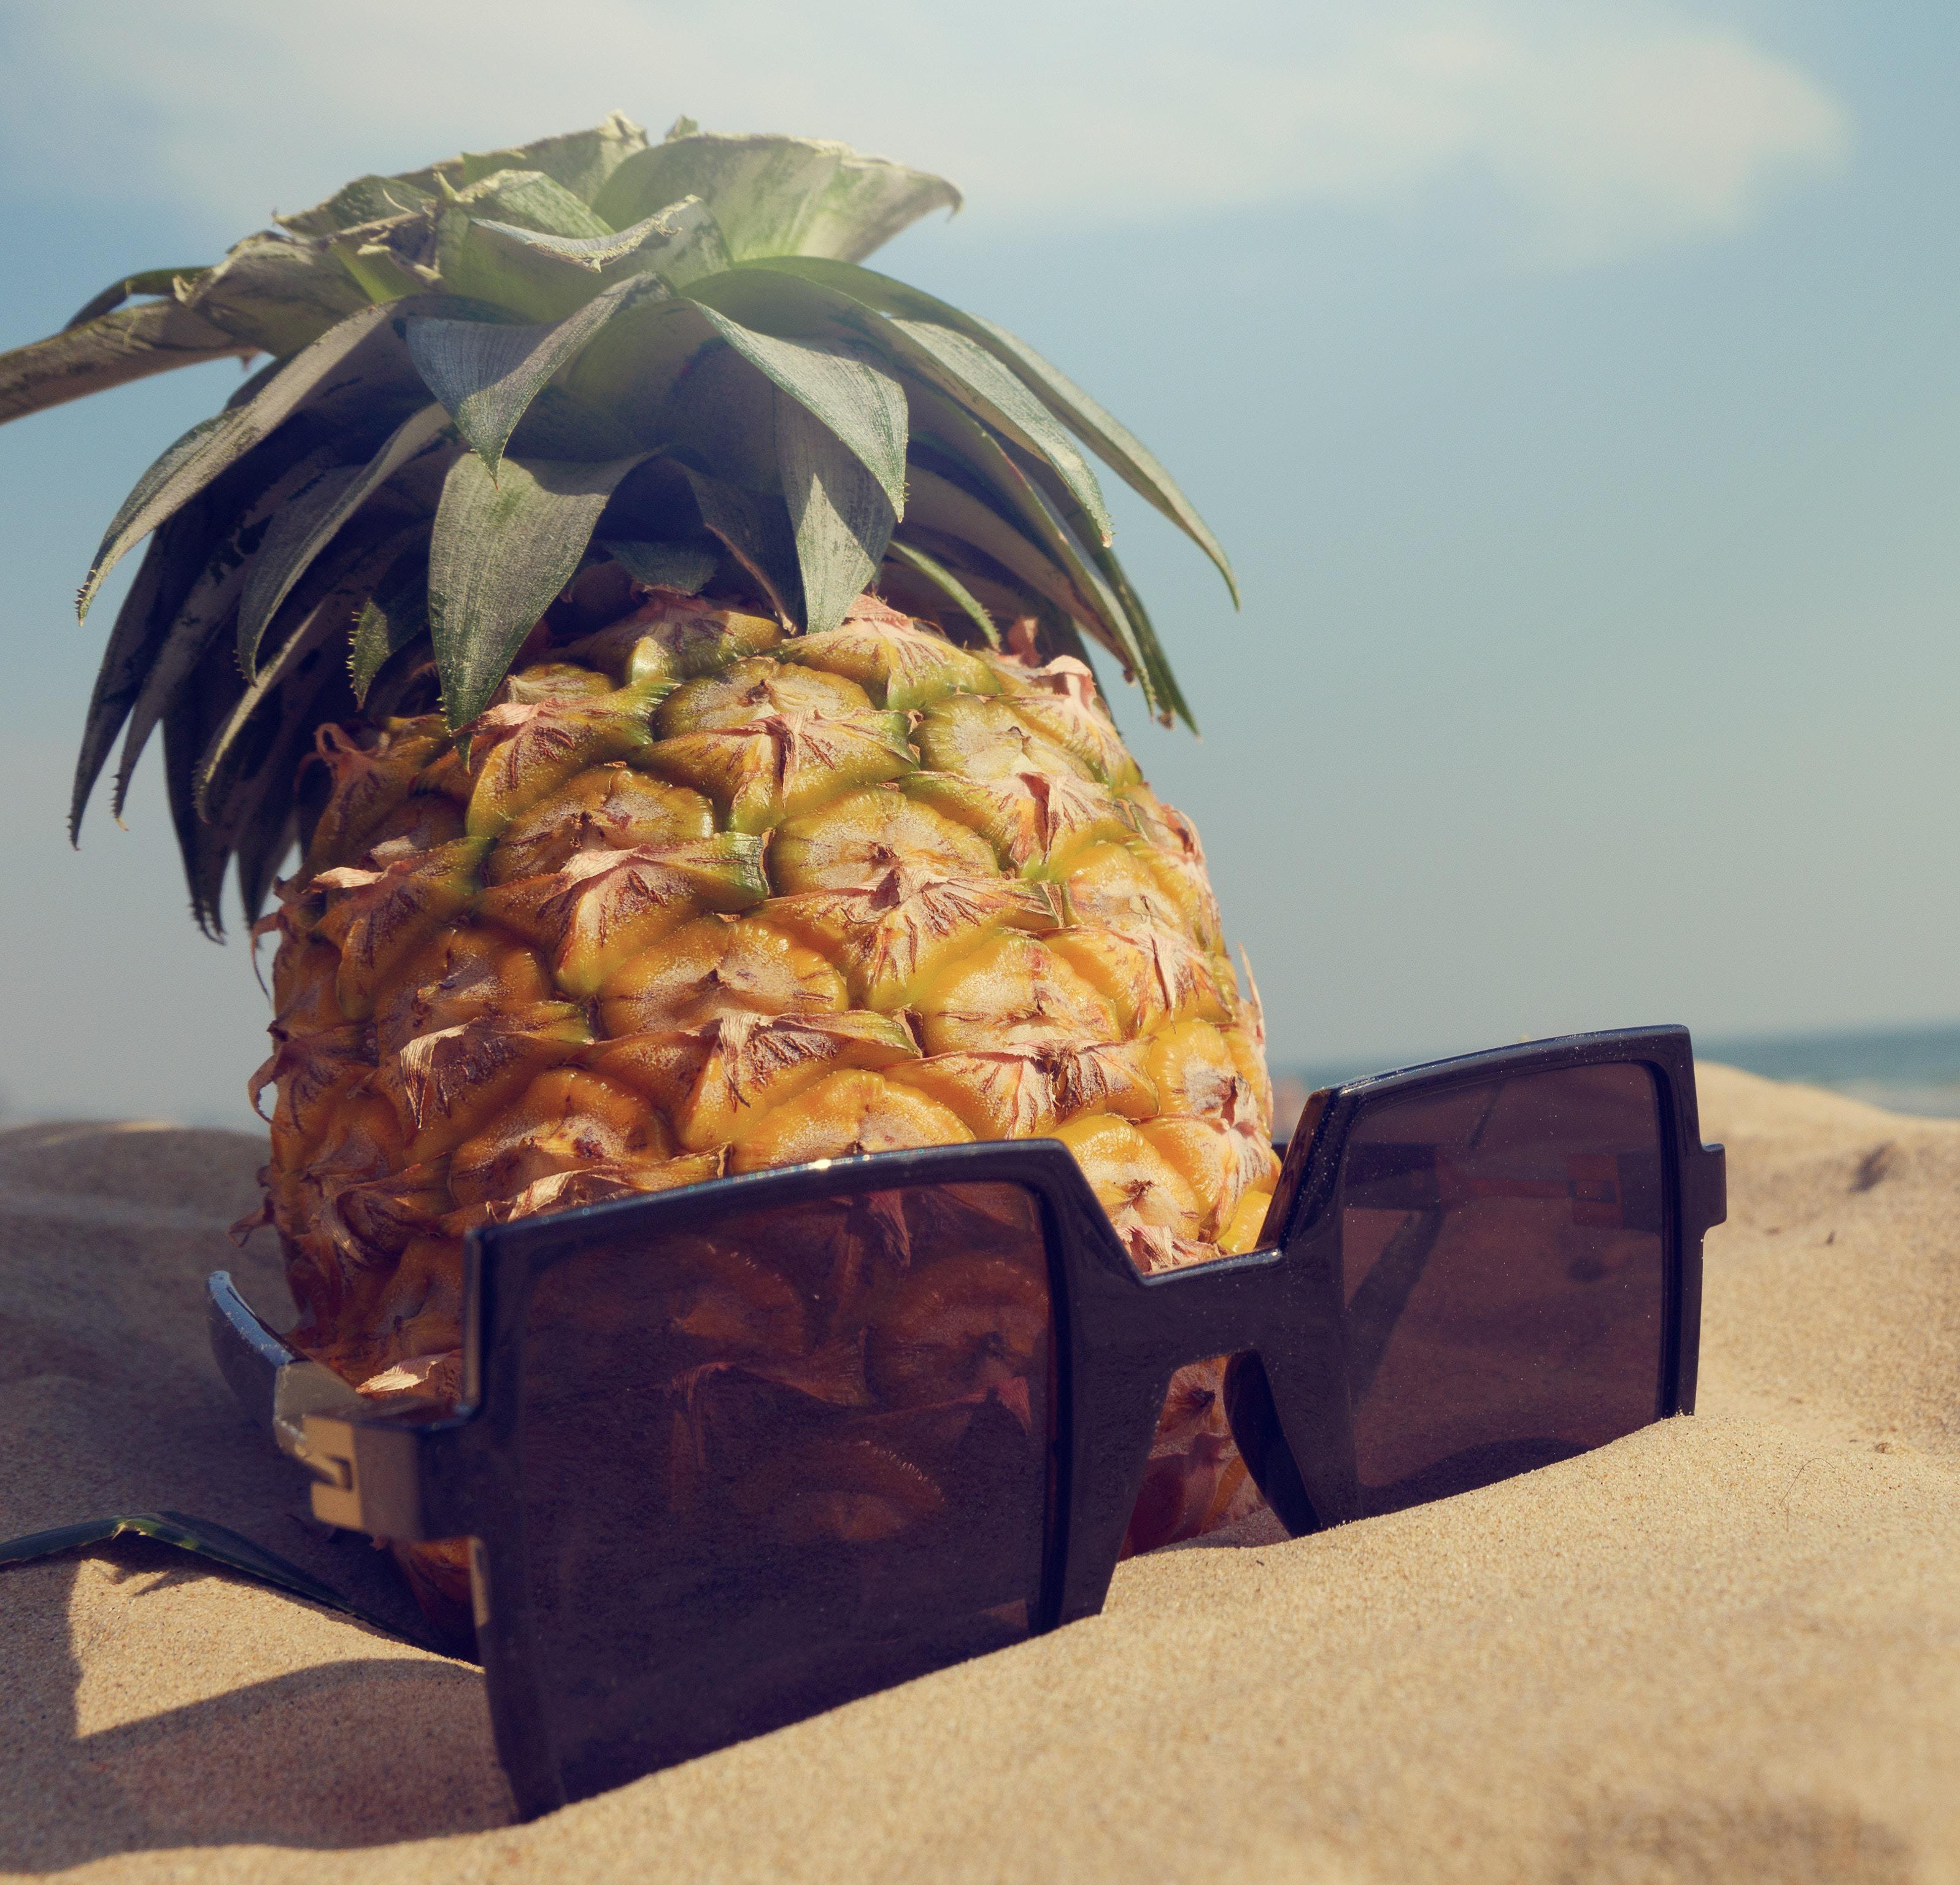 Музыка для пляжей | Картинка на сайте